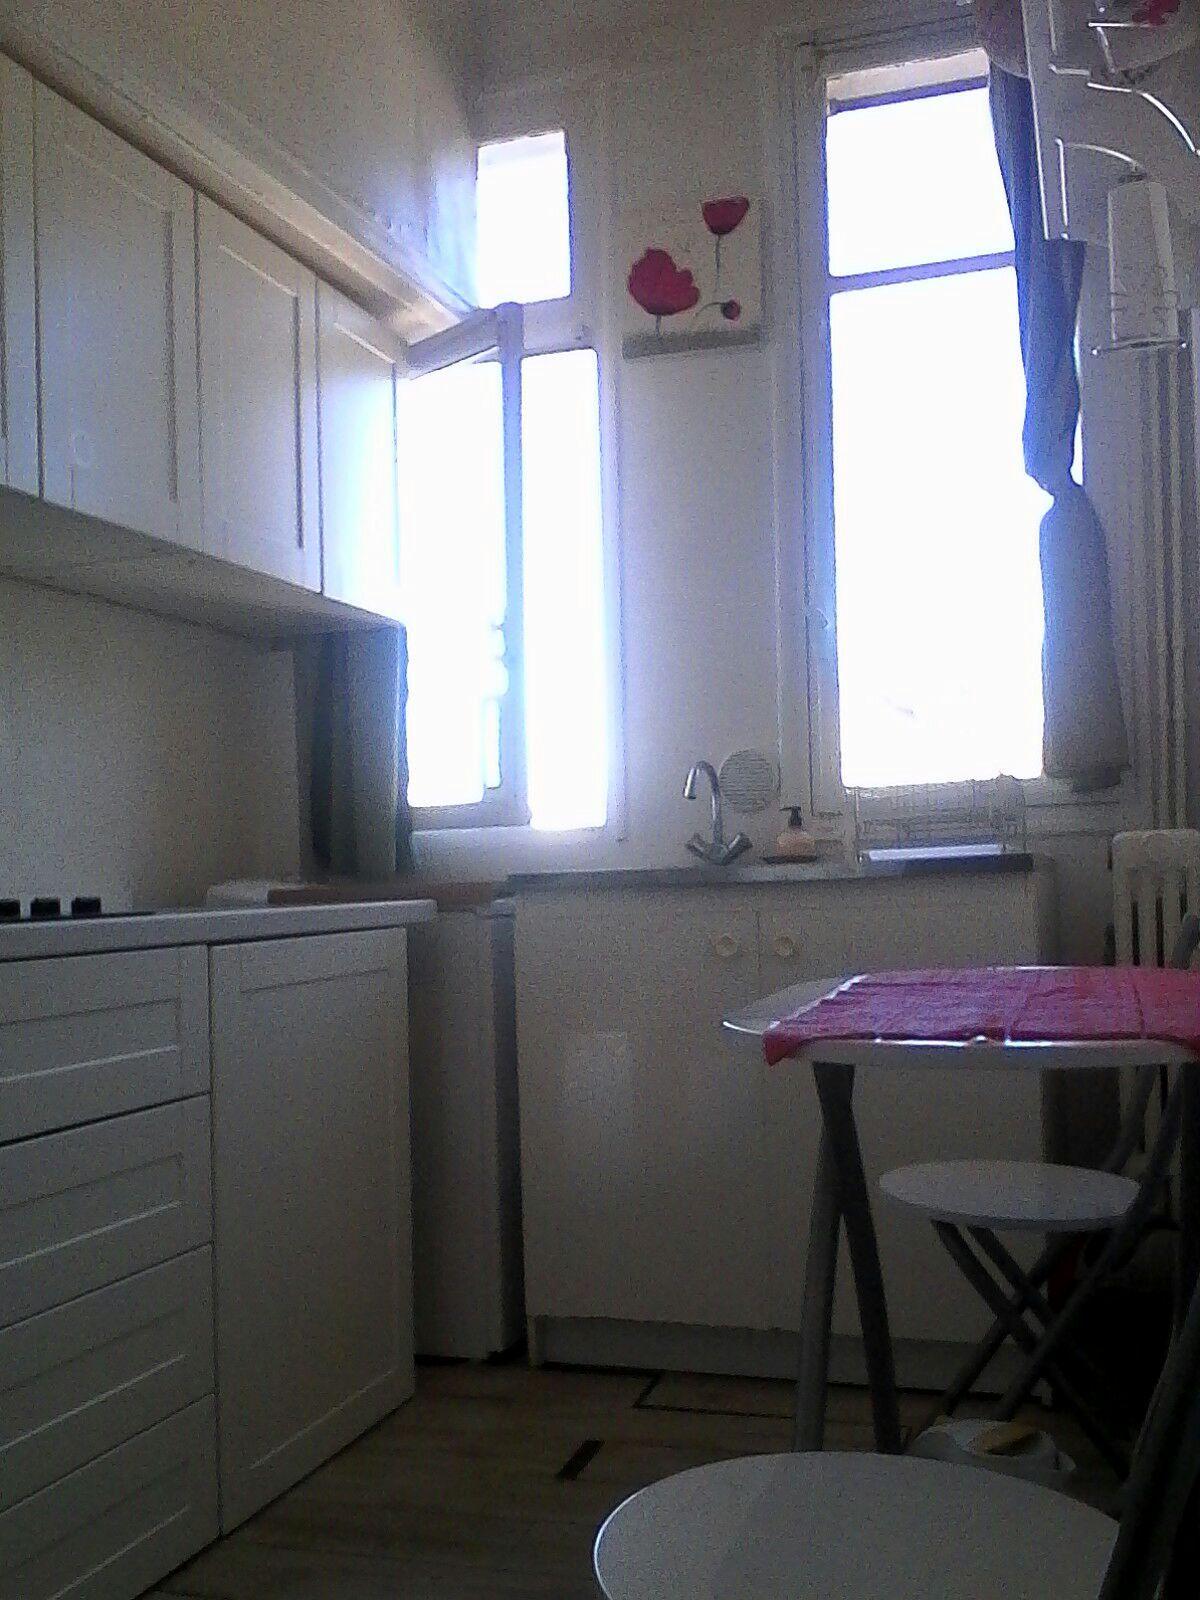 Chambre-Colocation Vincennes FEMME & Location Chambre à louer Vincennes FEMME   Loue chambre meublée Vincennes FEMME   Logement Vincennes FEMME